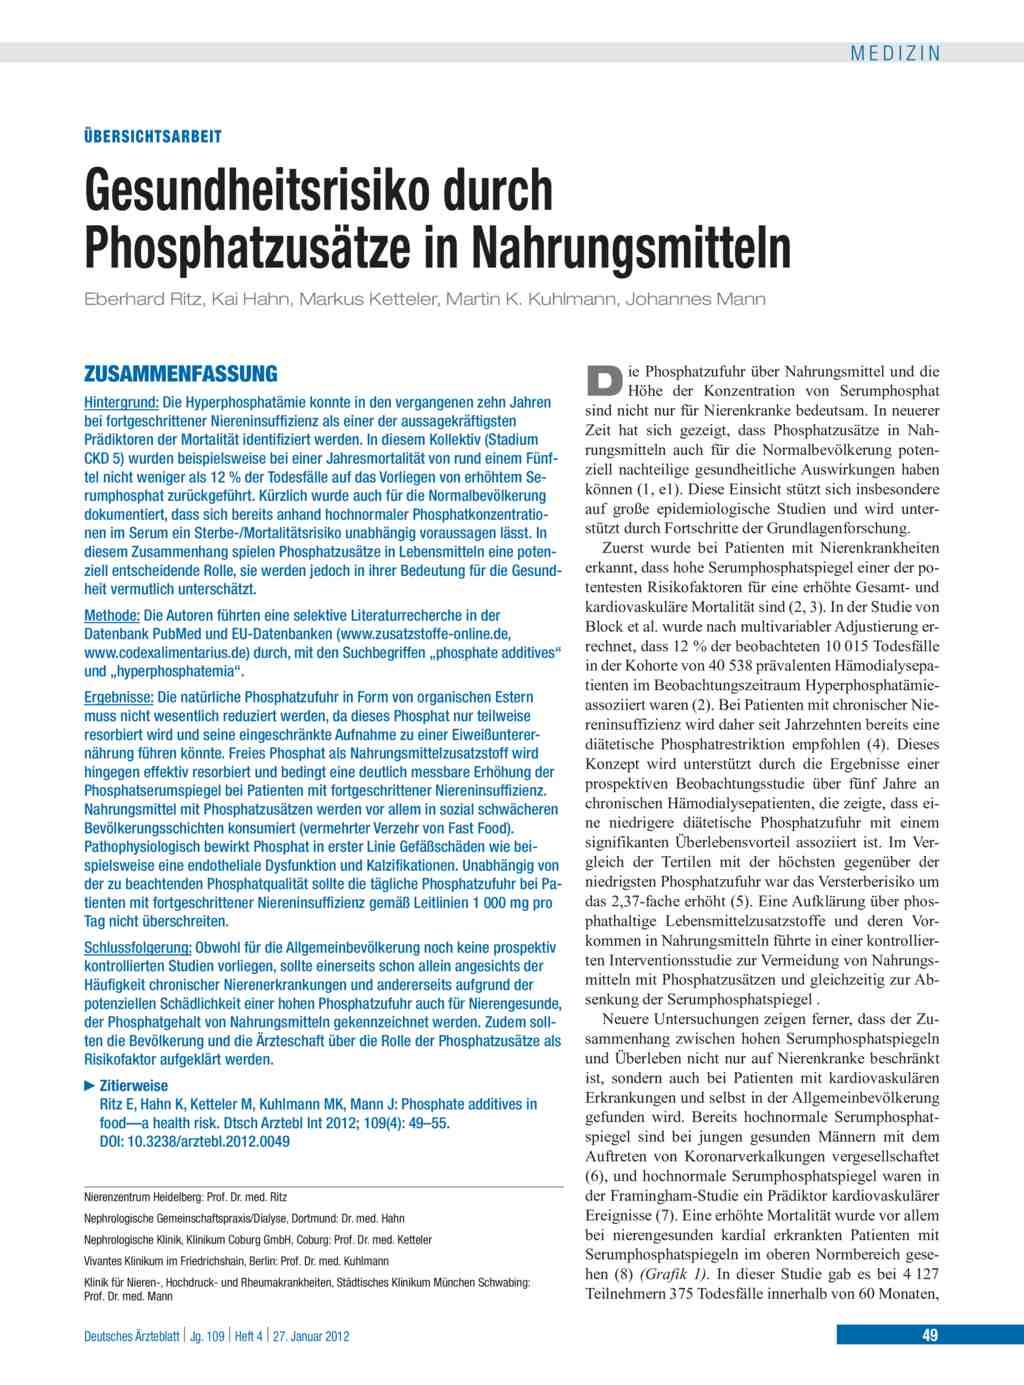 Gesundheitsrisiko durch Phosphatzusätze in Nahrungsmitteln